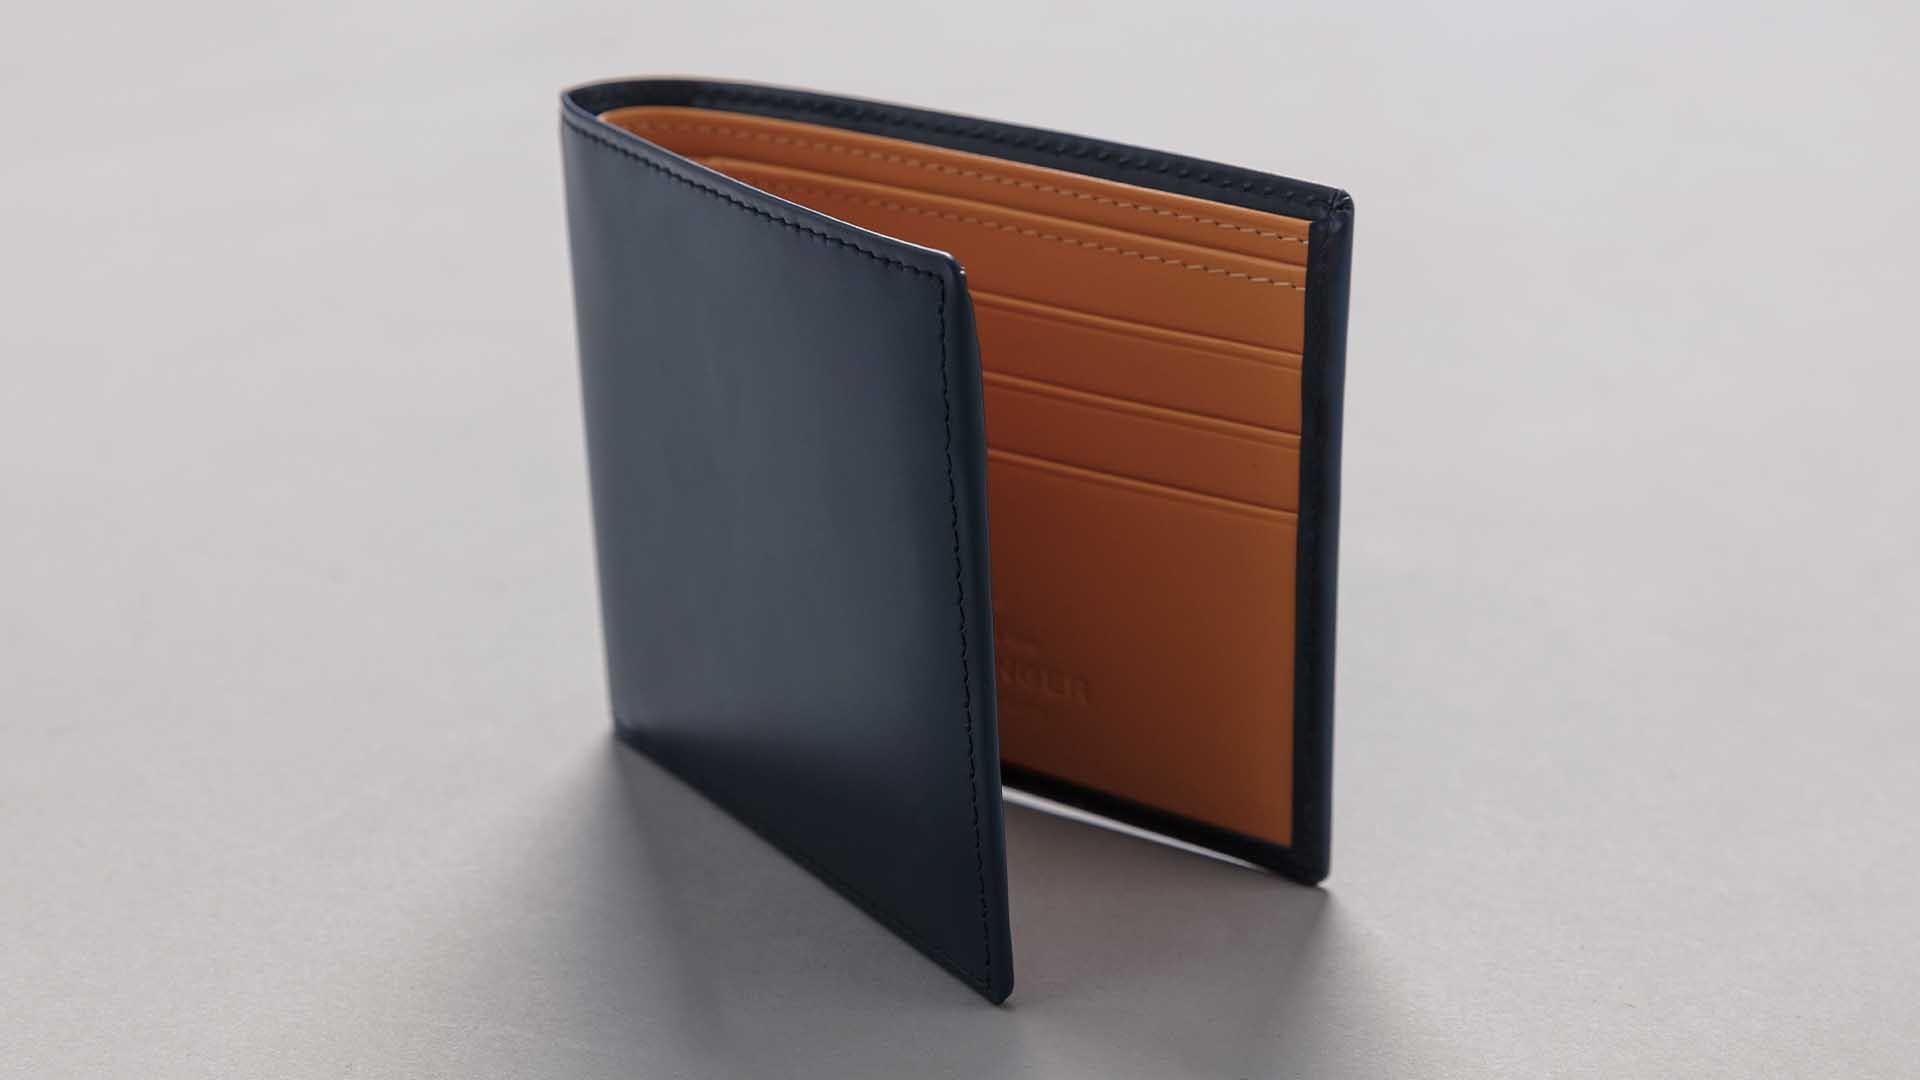 Ettinger Billfold wallet